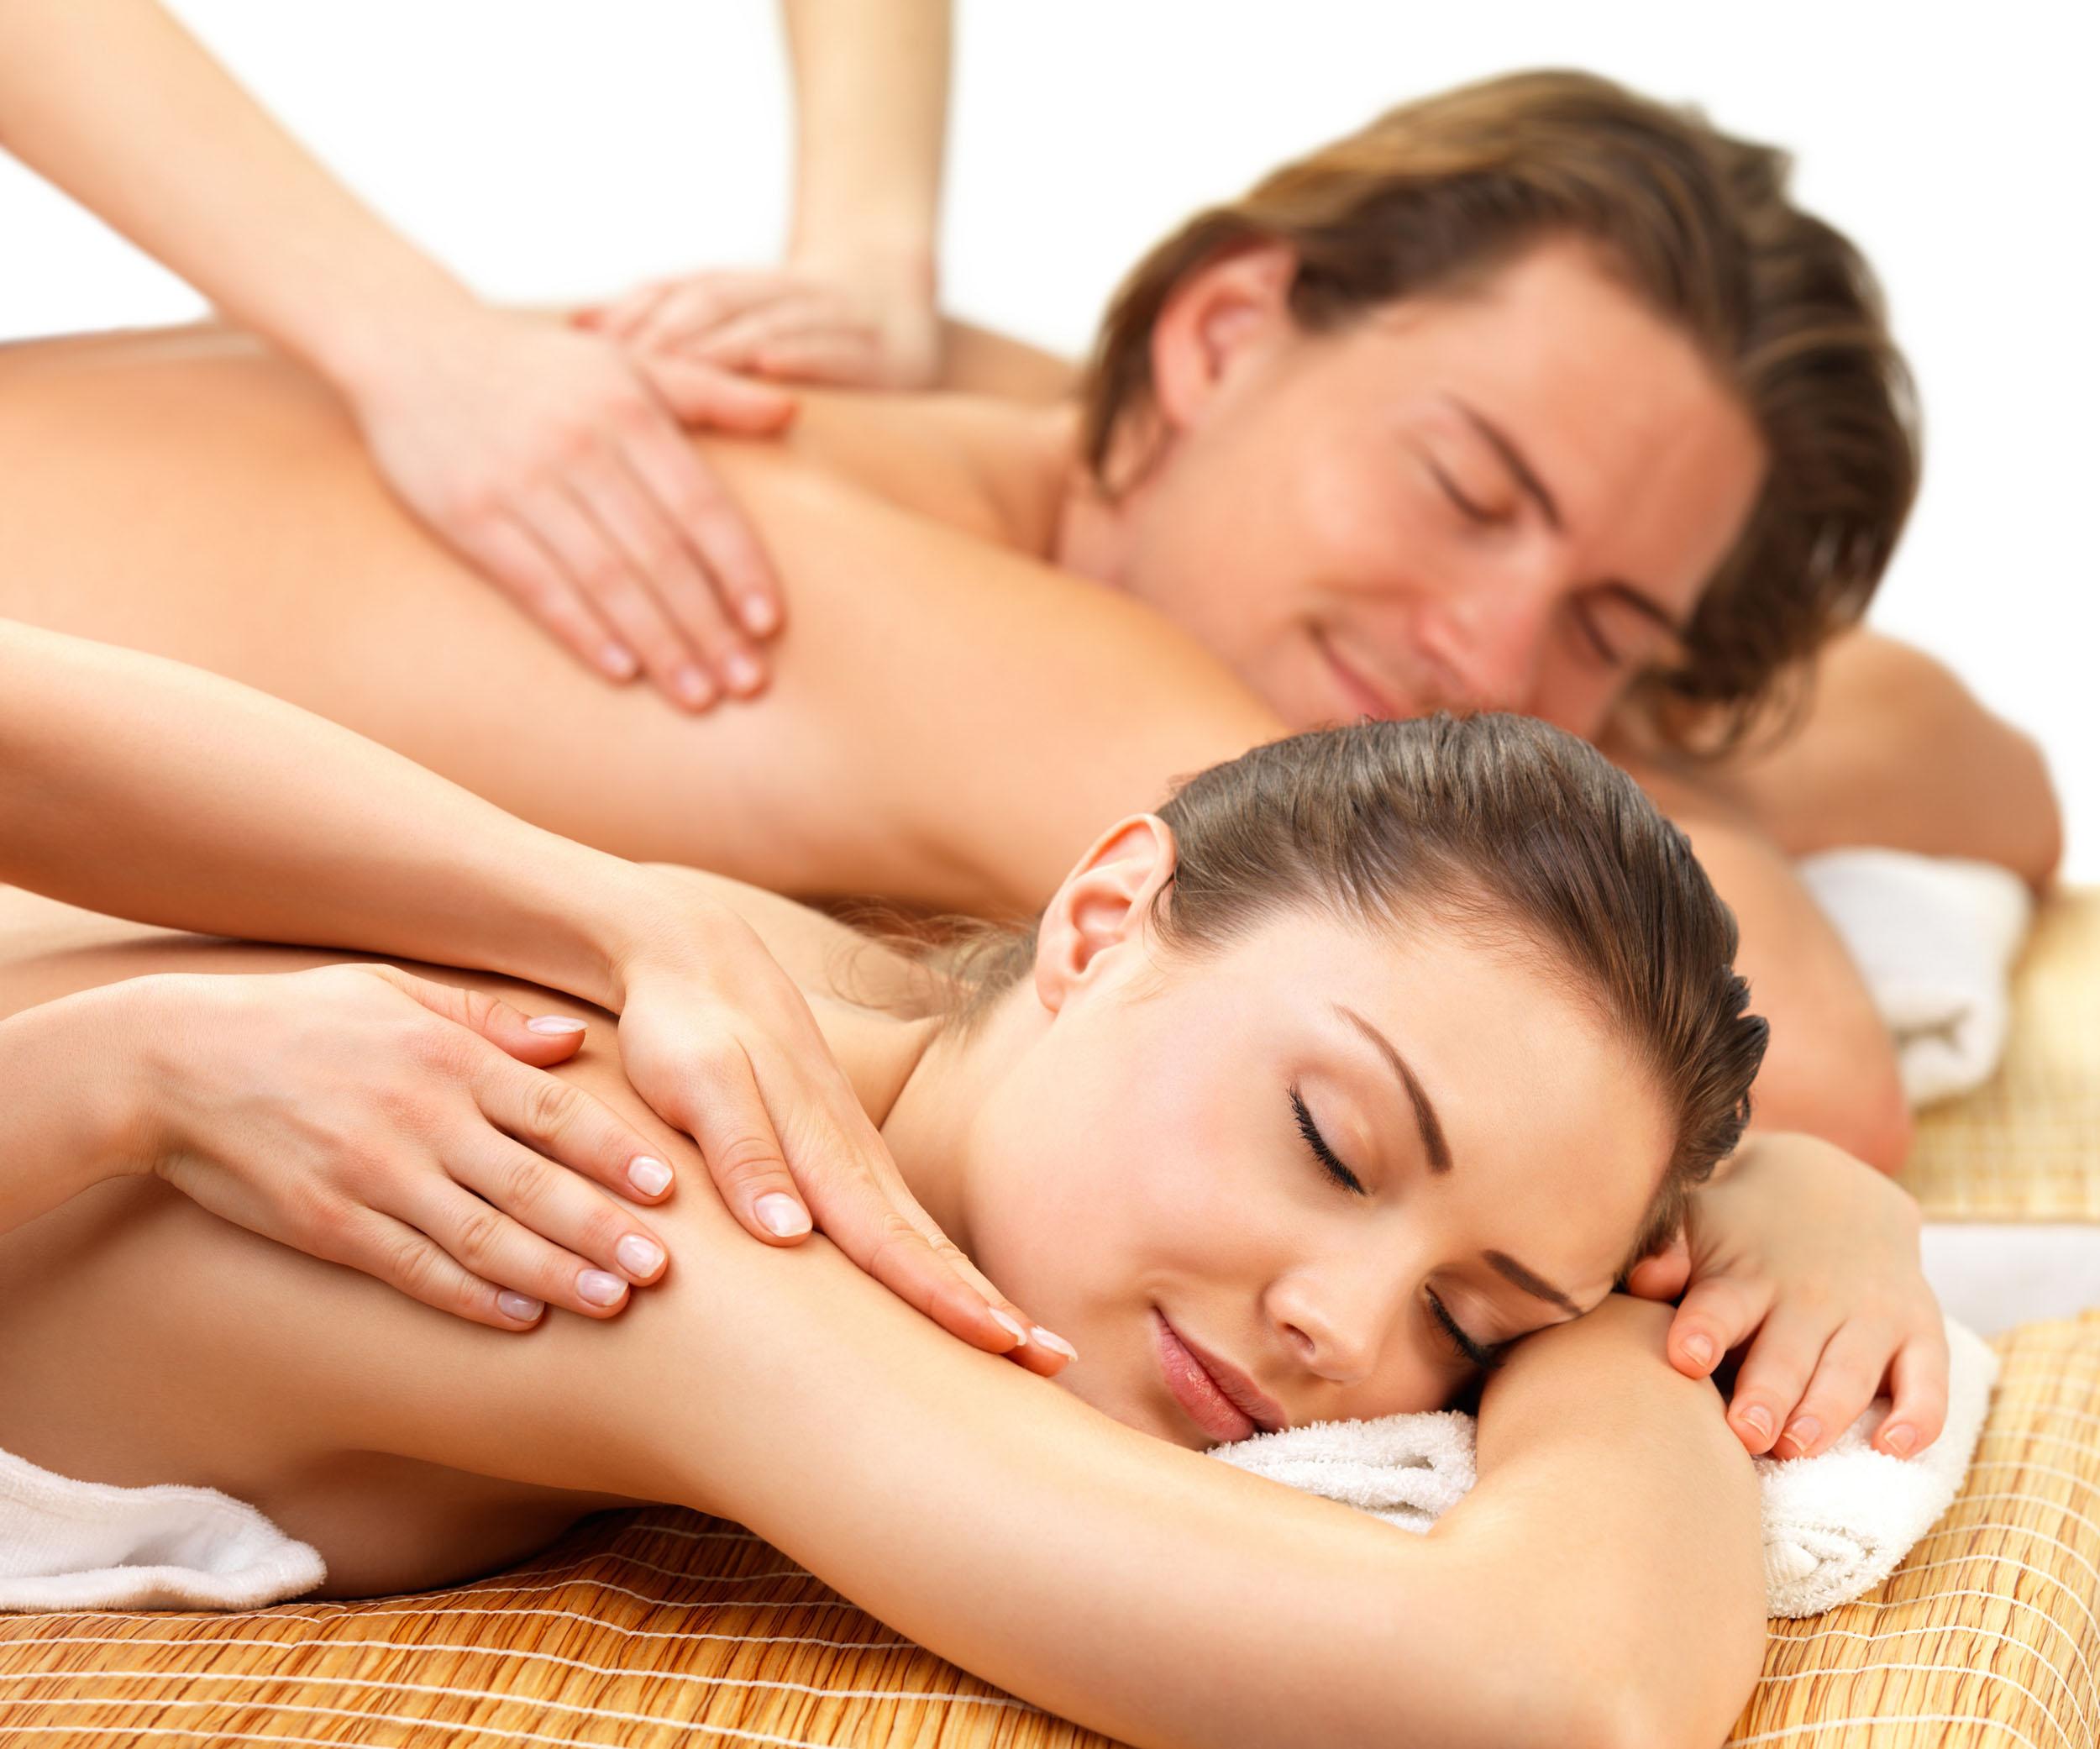 men-women-massage.jpg